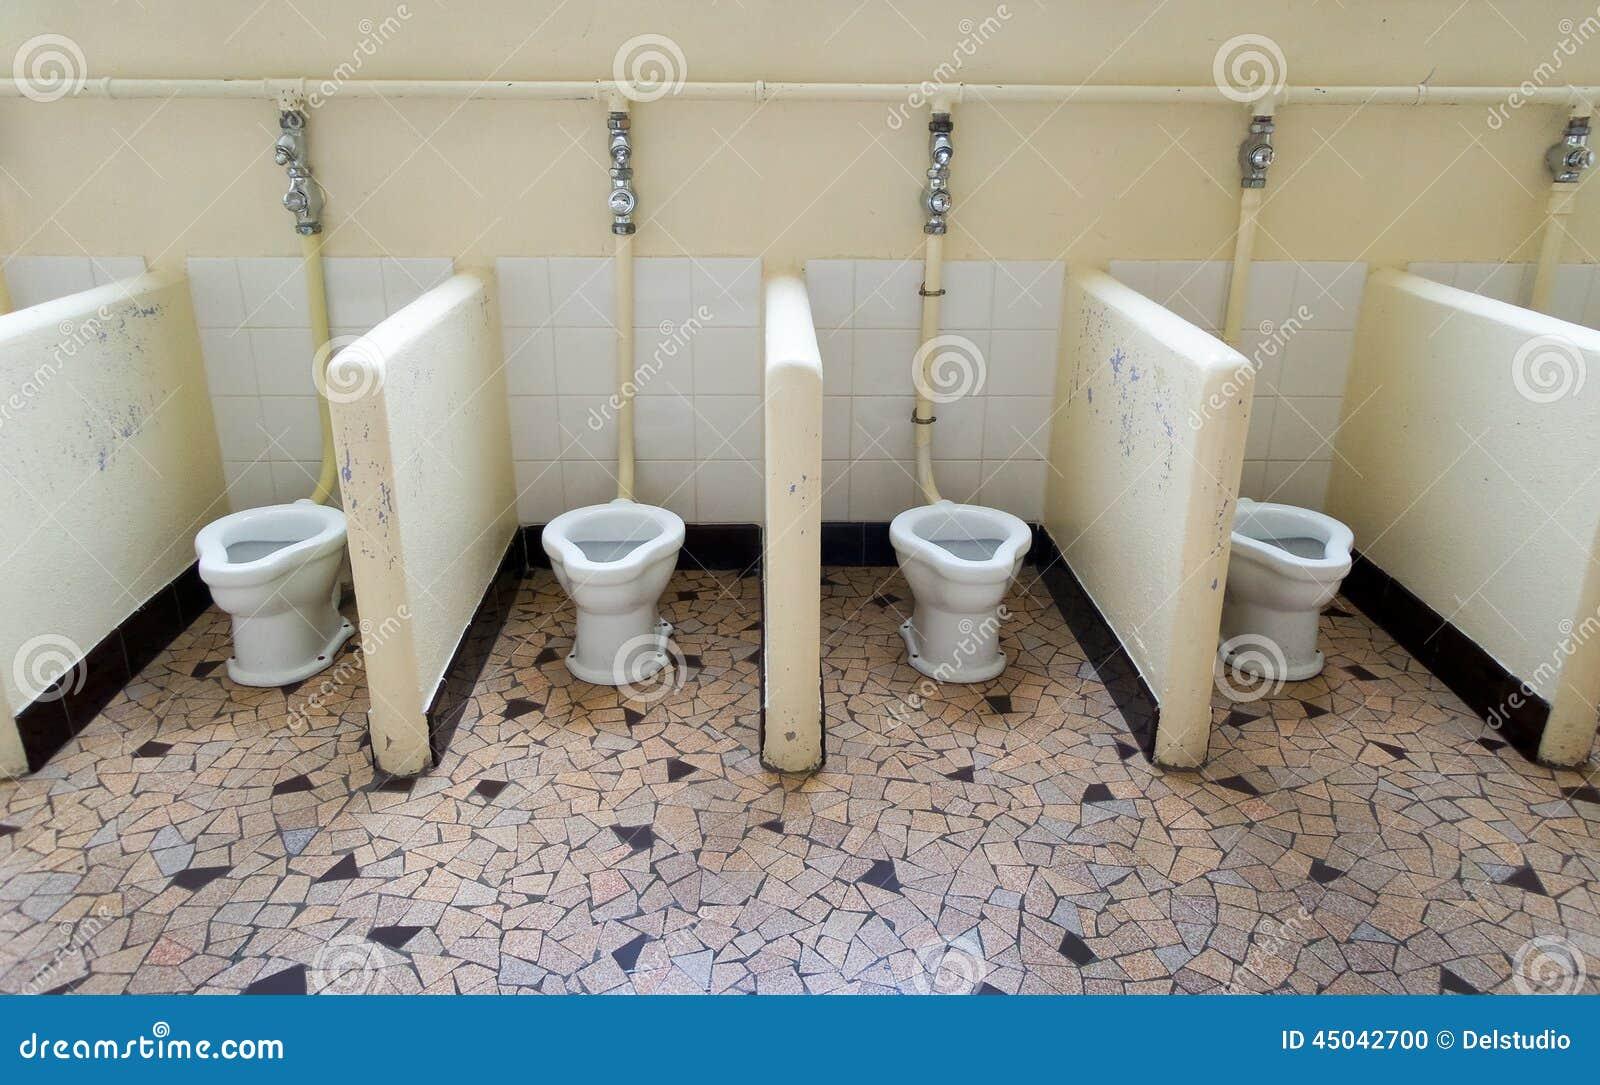 Szkół Podzielone Toalety Zdjęcie Stock Obraz Złożonej Z